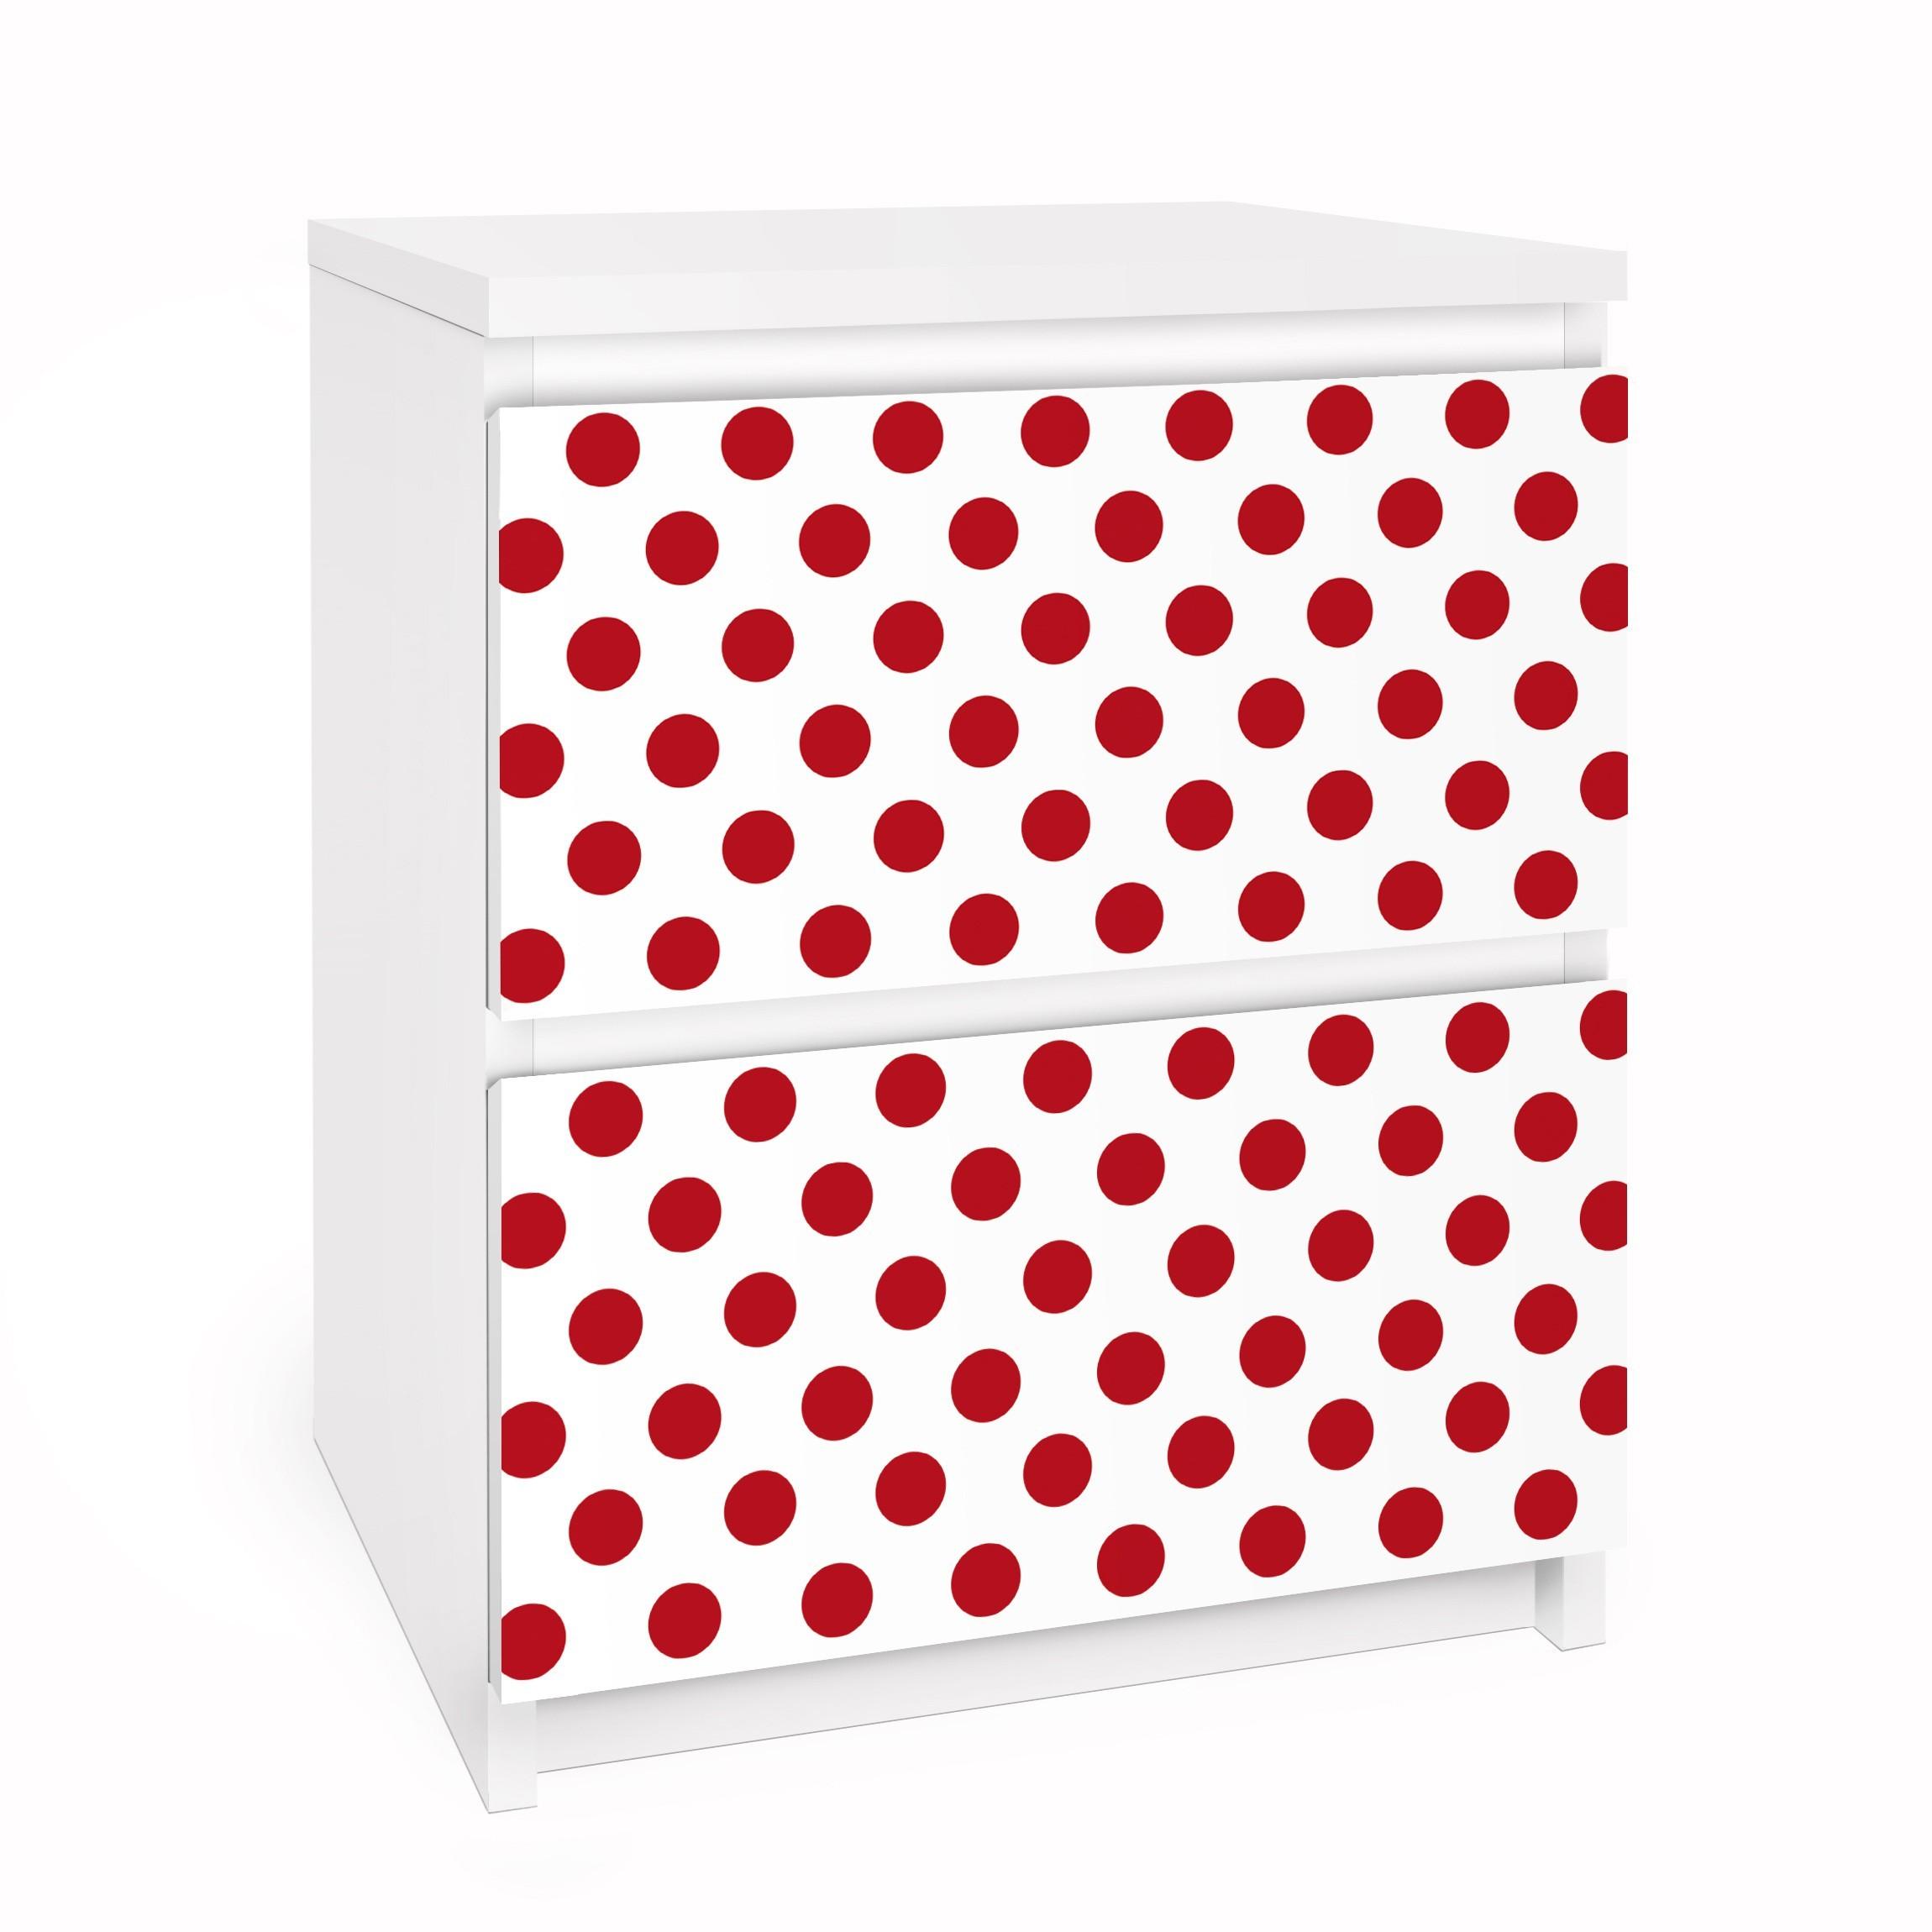 Carta adesiva per mobili ikea malm cassettiera 2xcassetti no ds92 dot design girly white - Stickers bambini ikea ...